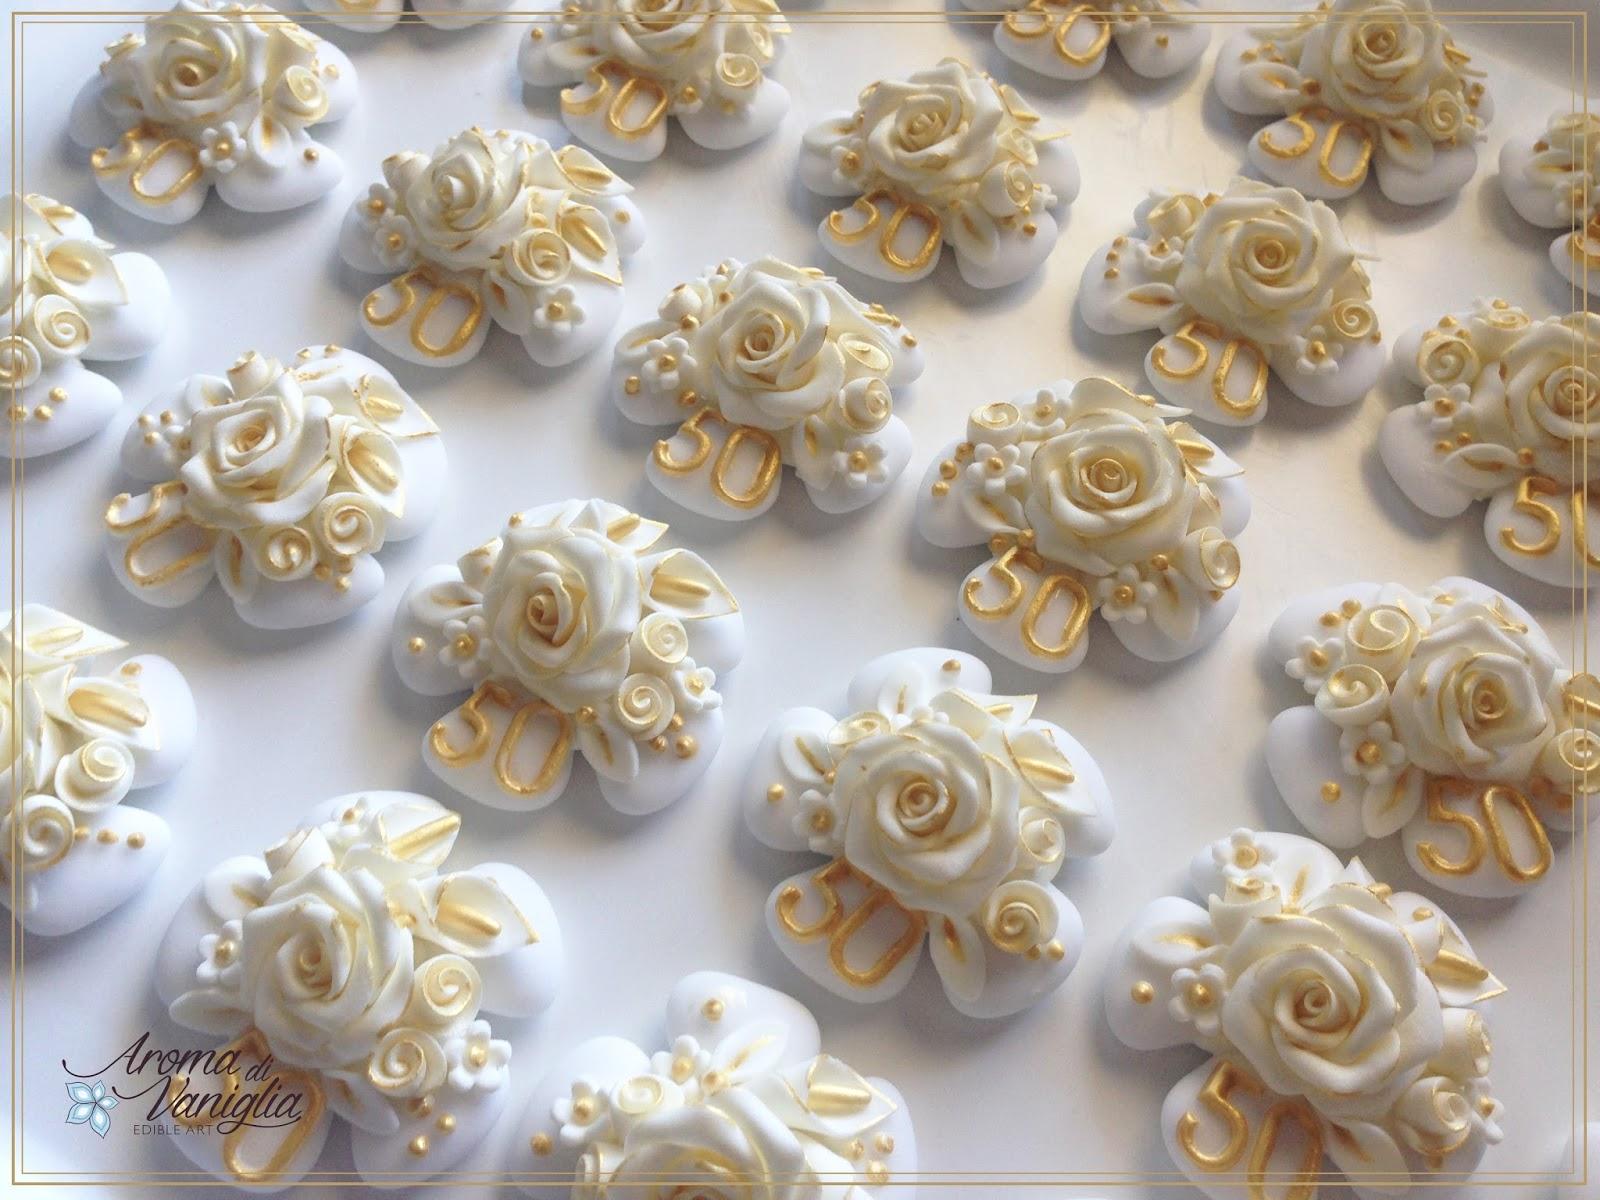 Molto aroma di vaniglia: nozze d'oro HQ68